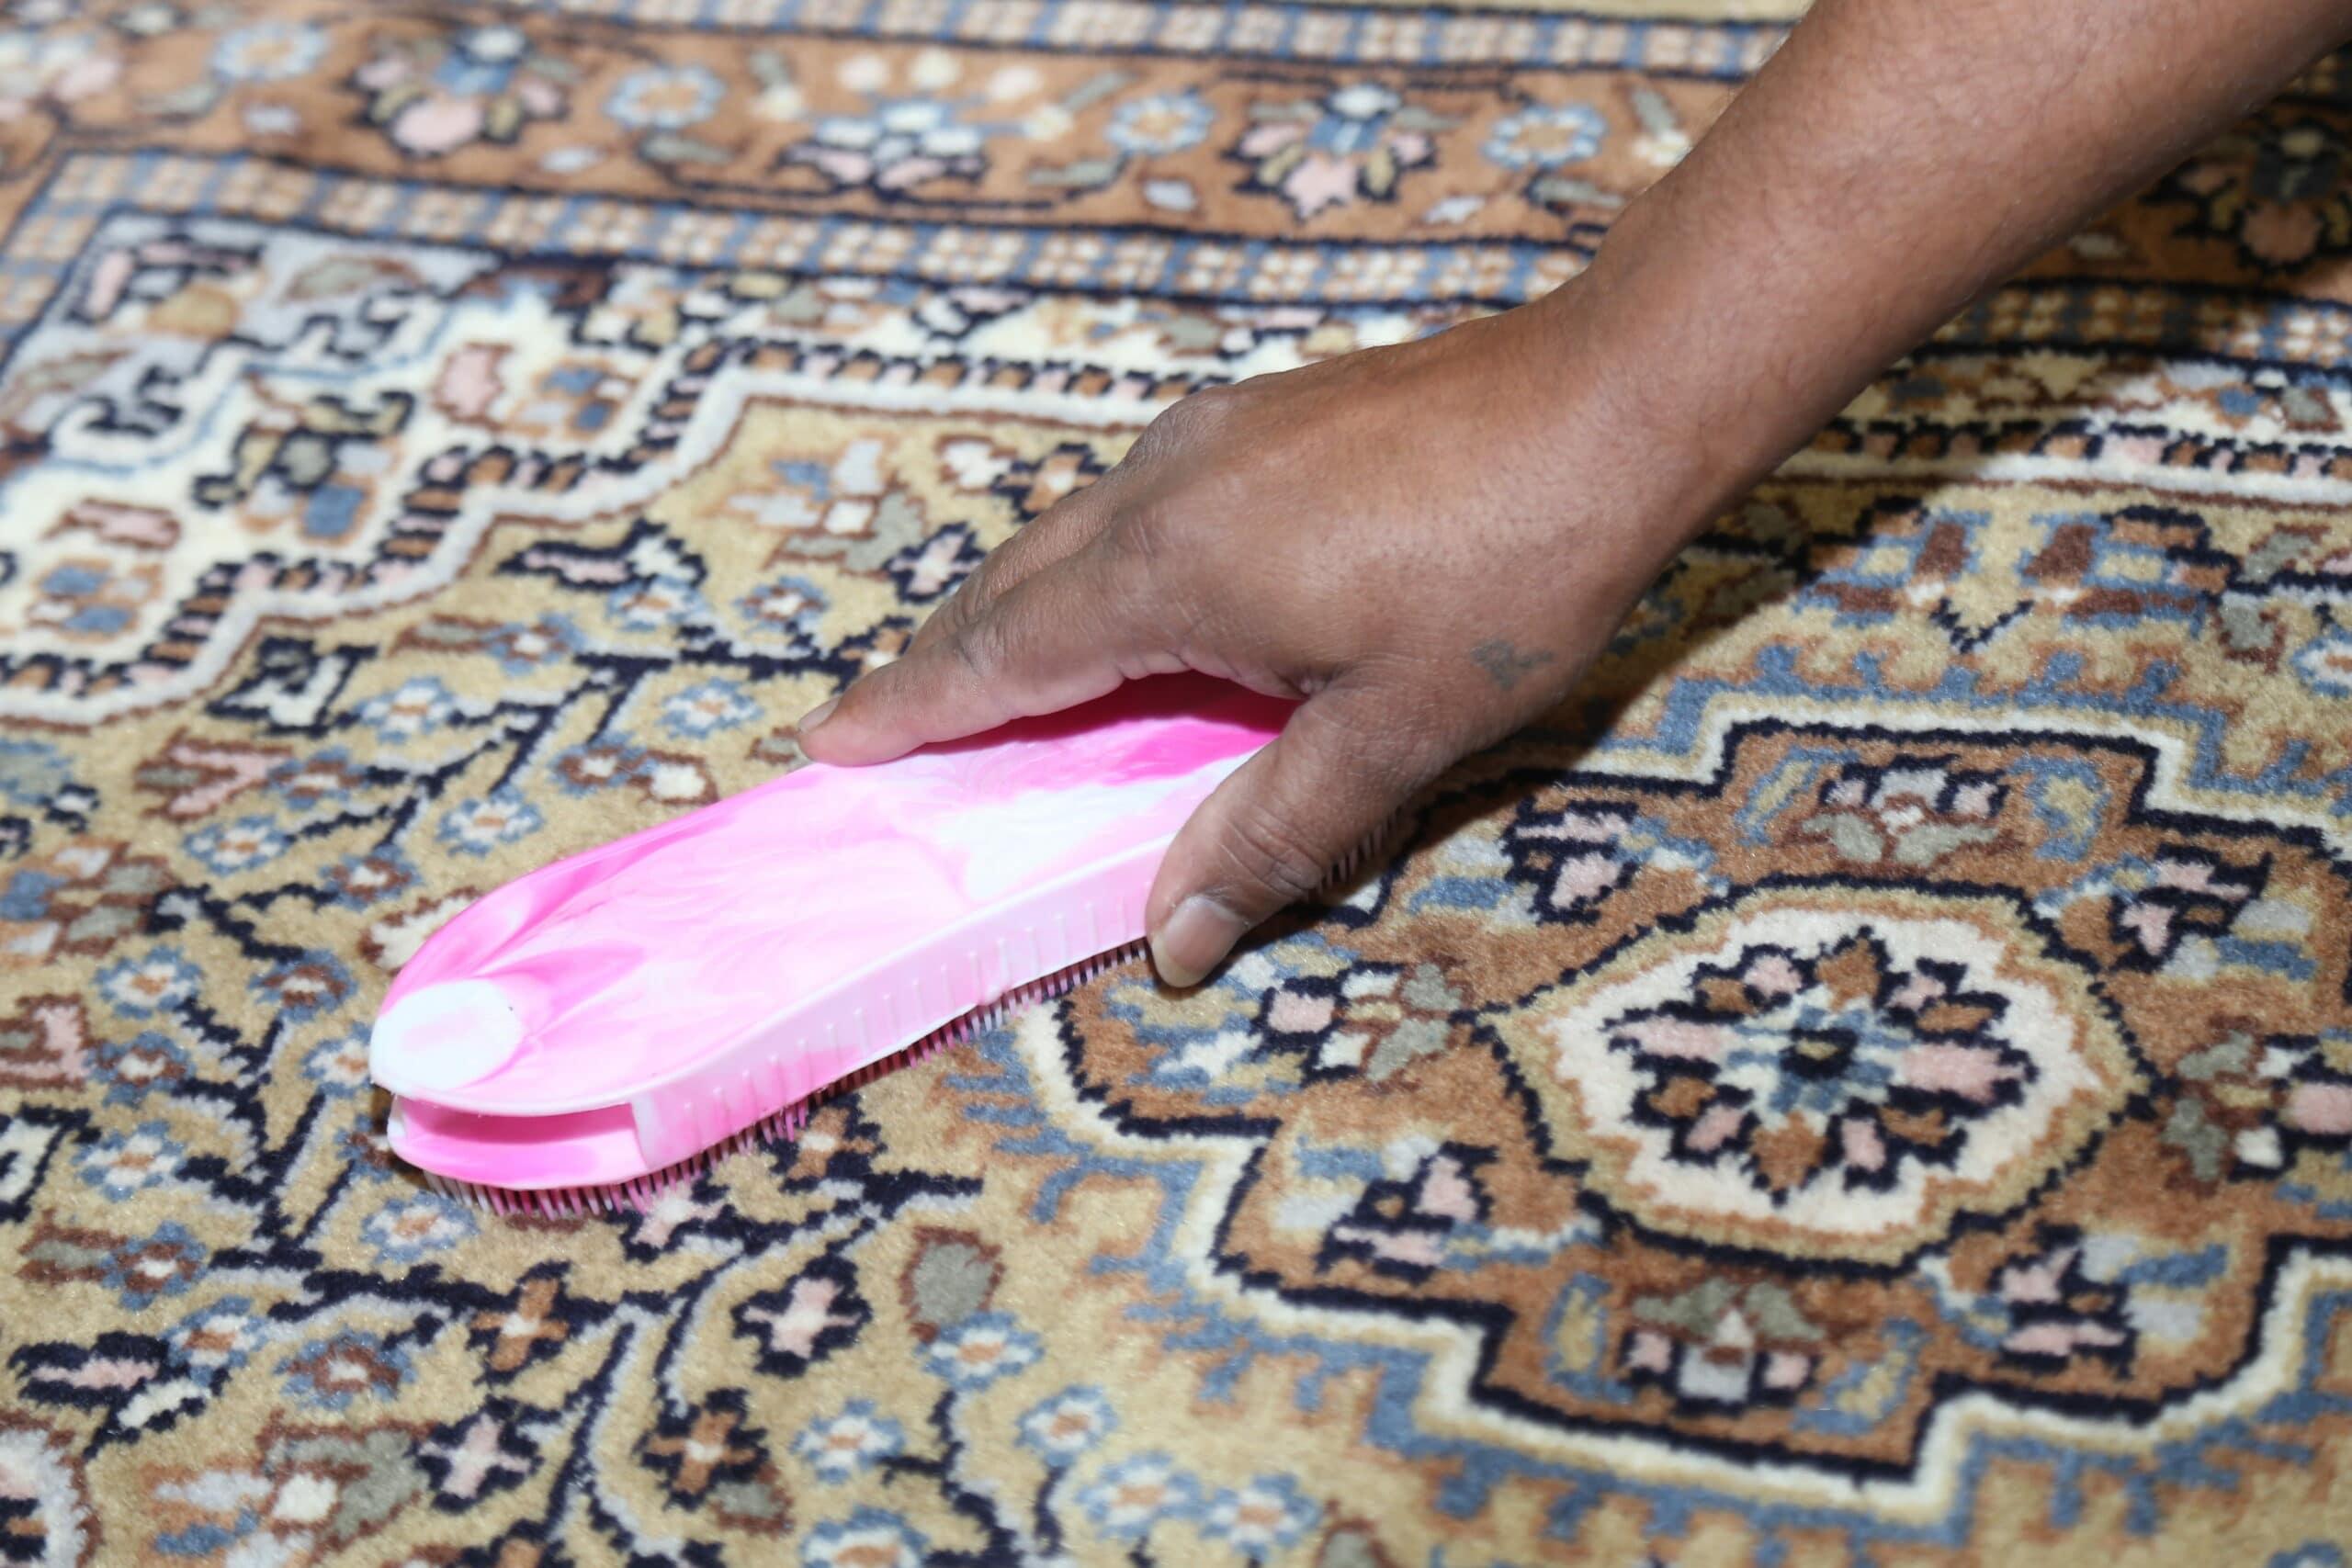 Limpando tapete detalhado. Como tirar mofo.